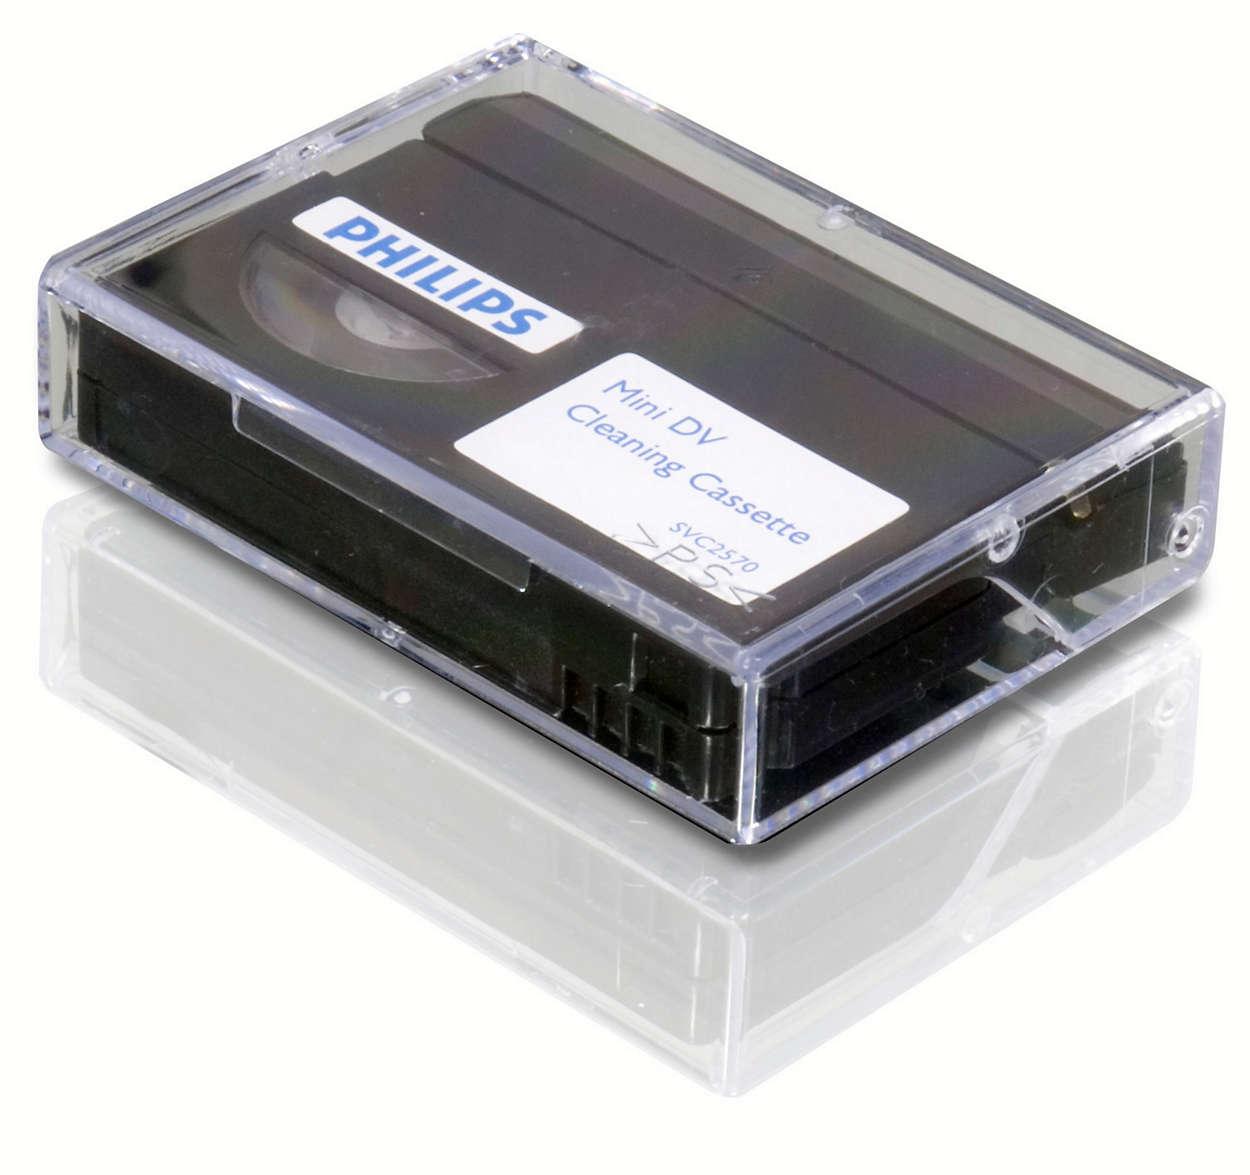 Rengjør mini-DV-enheten